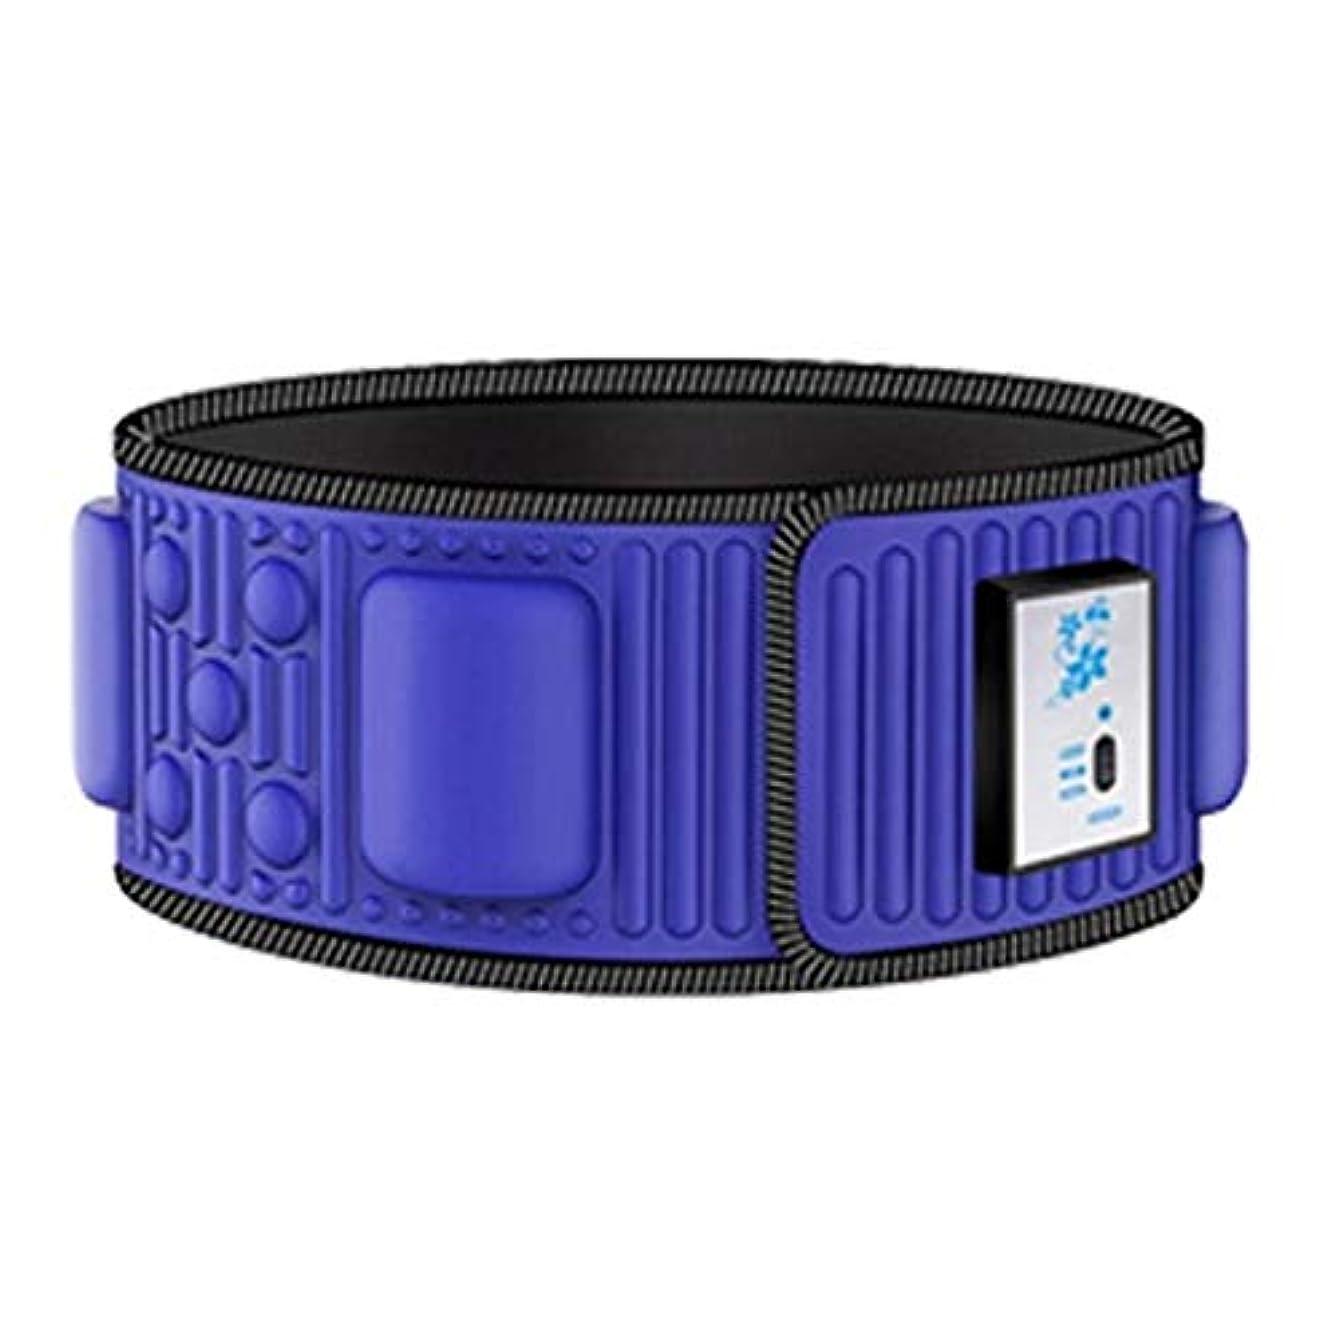 イディオムブラウズ更新するウエストマッサージャー、電気Slim身ベルト、ユニセックスSlim身ベルト、加熱形状振動ベルトマッサージ機、重量を失う、通気性